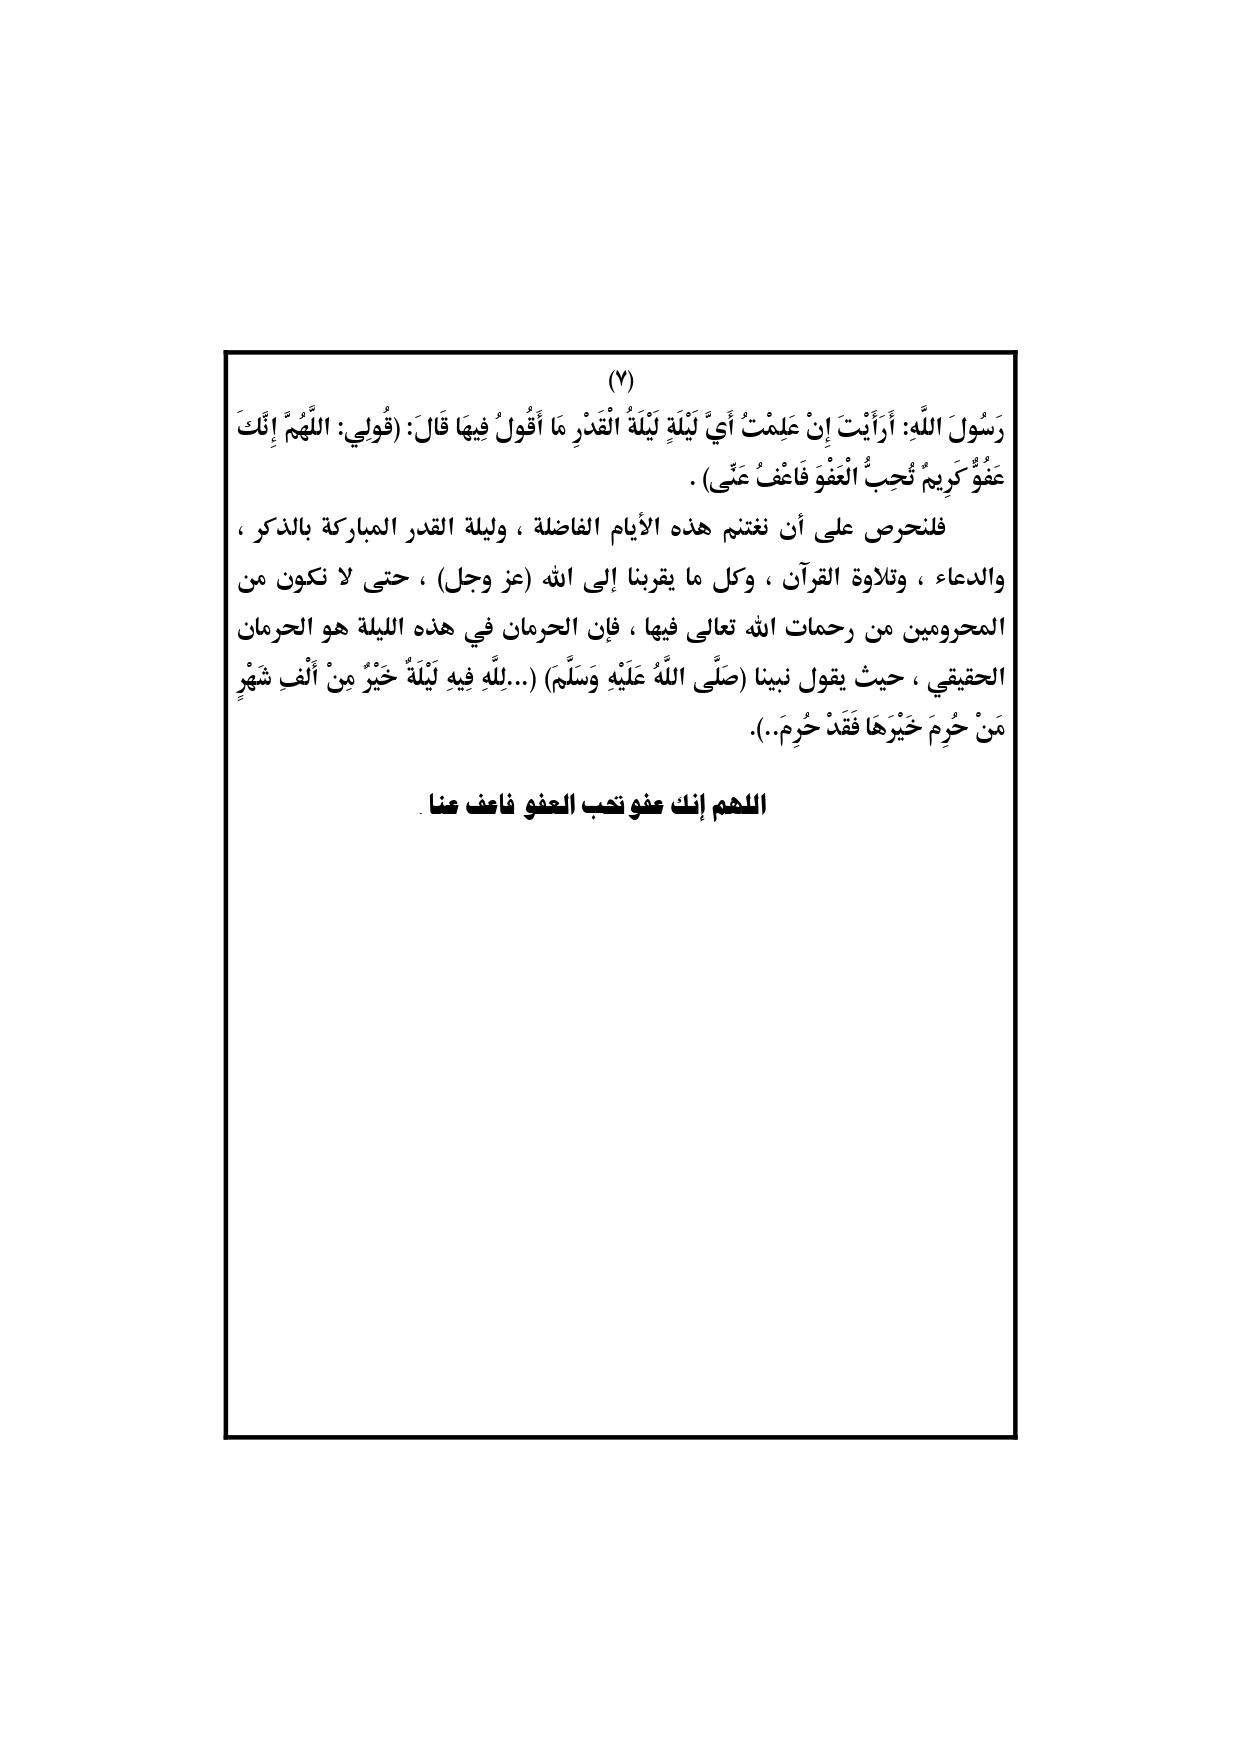 خطبة الجمعة القادمة 26 رمضان رمضان شهر البر والصلة والتعرض لرحمات الله صوت الدعاة أفضل موقع عربي في خطبة الجمعة والأخبار المهمة